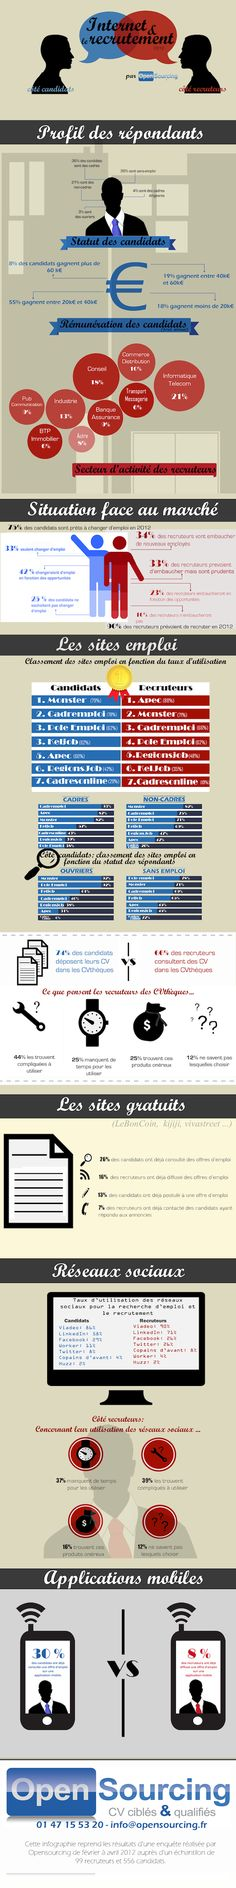 [Infographie] Sites internet, réseaux sociaux, applications mobiles… Panorama du recrutement en ligne | Les chiffres-clés de l'Internet et des nouvelles technologies